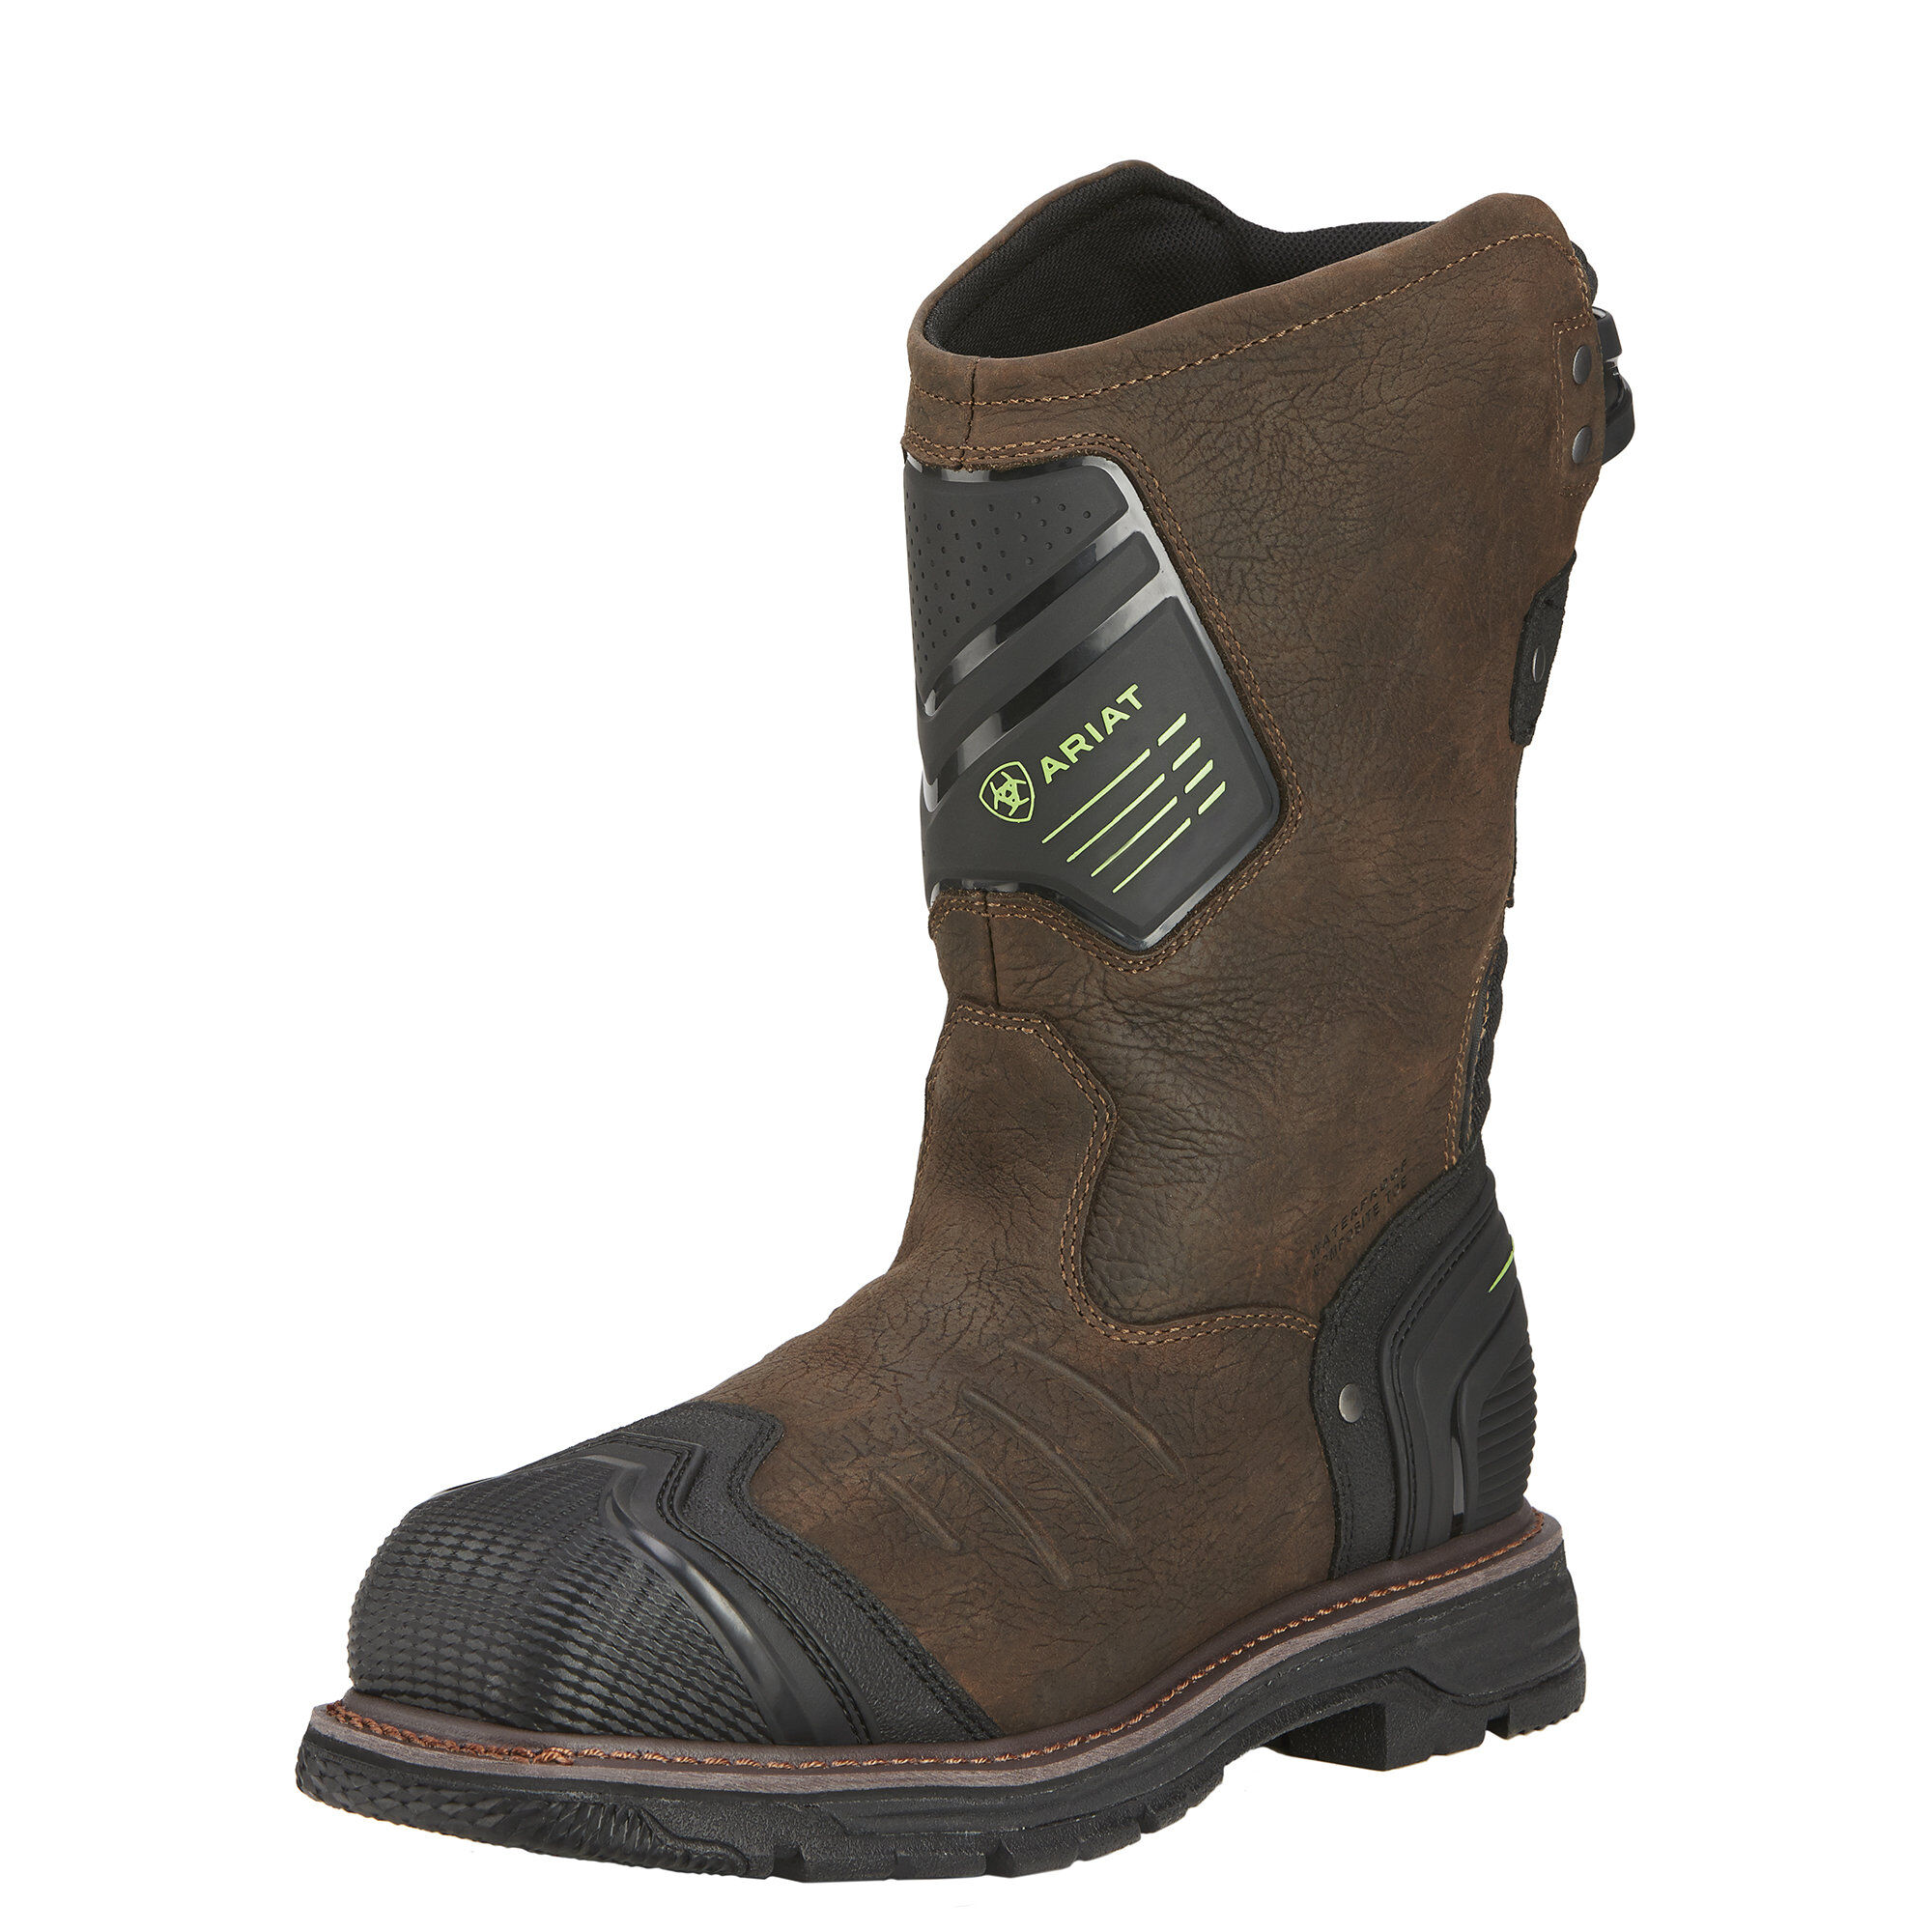 Catalyst VX Waterproof Composite Toe Work Boot